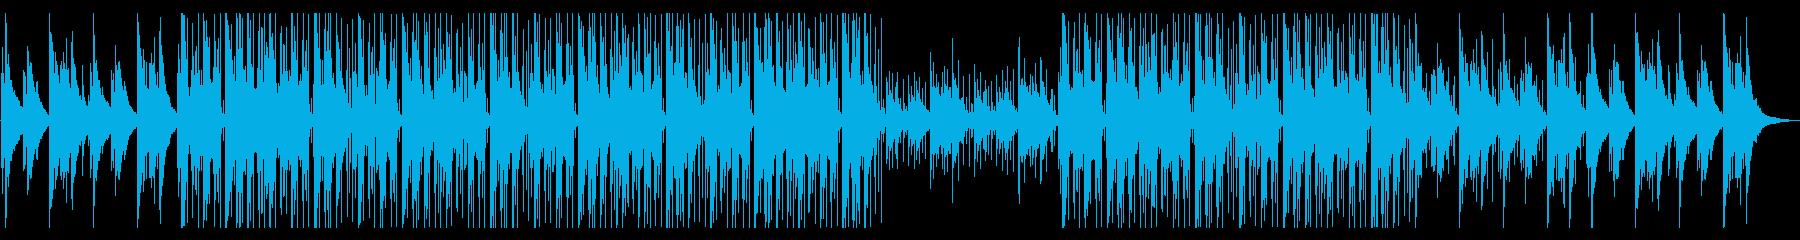 寒い冬をイメージしたLo-Fiビートの再生済みの波形